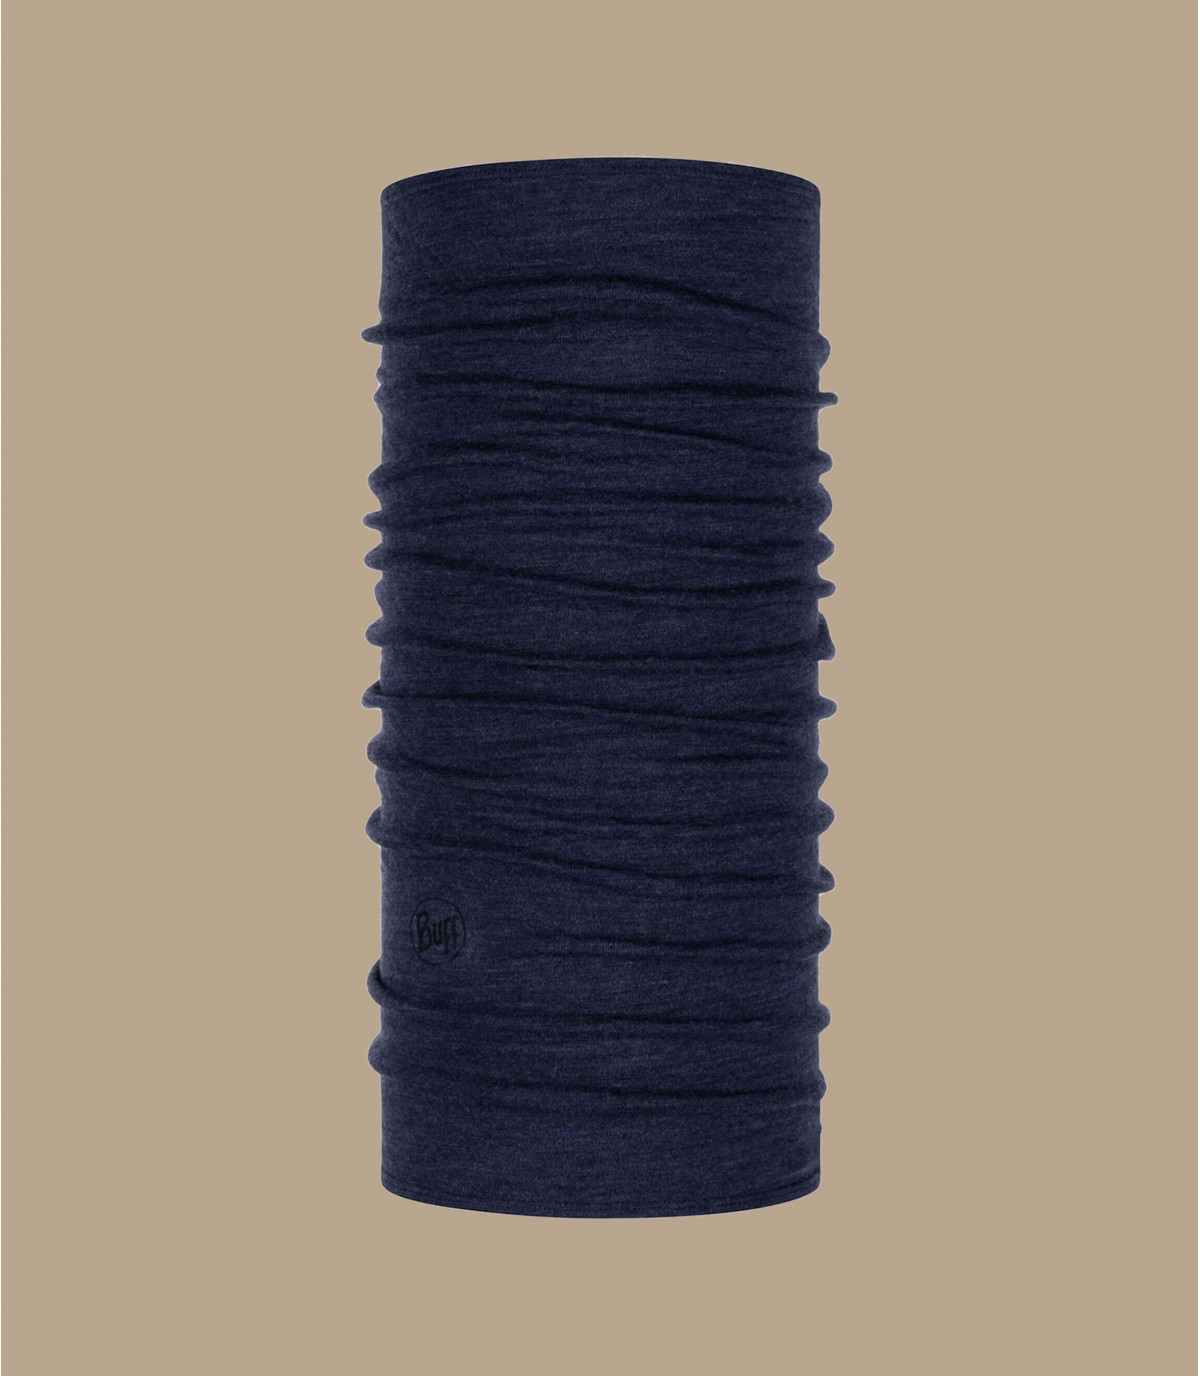 Merino blauwe buff merino wol